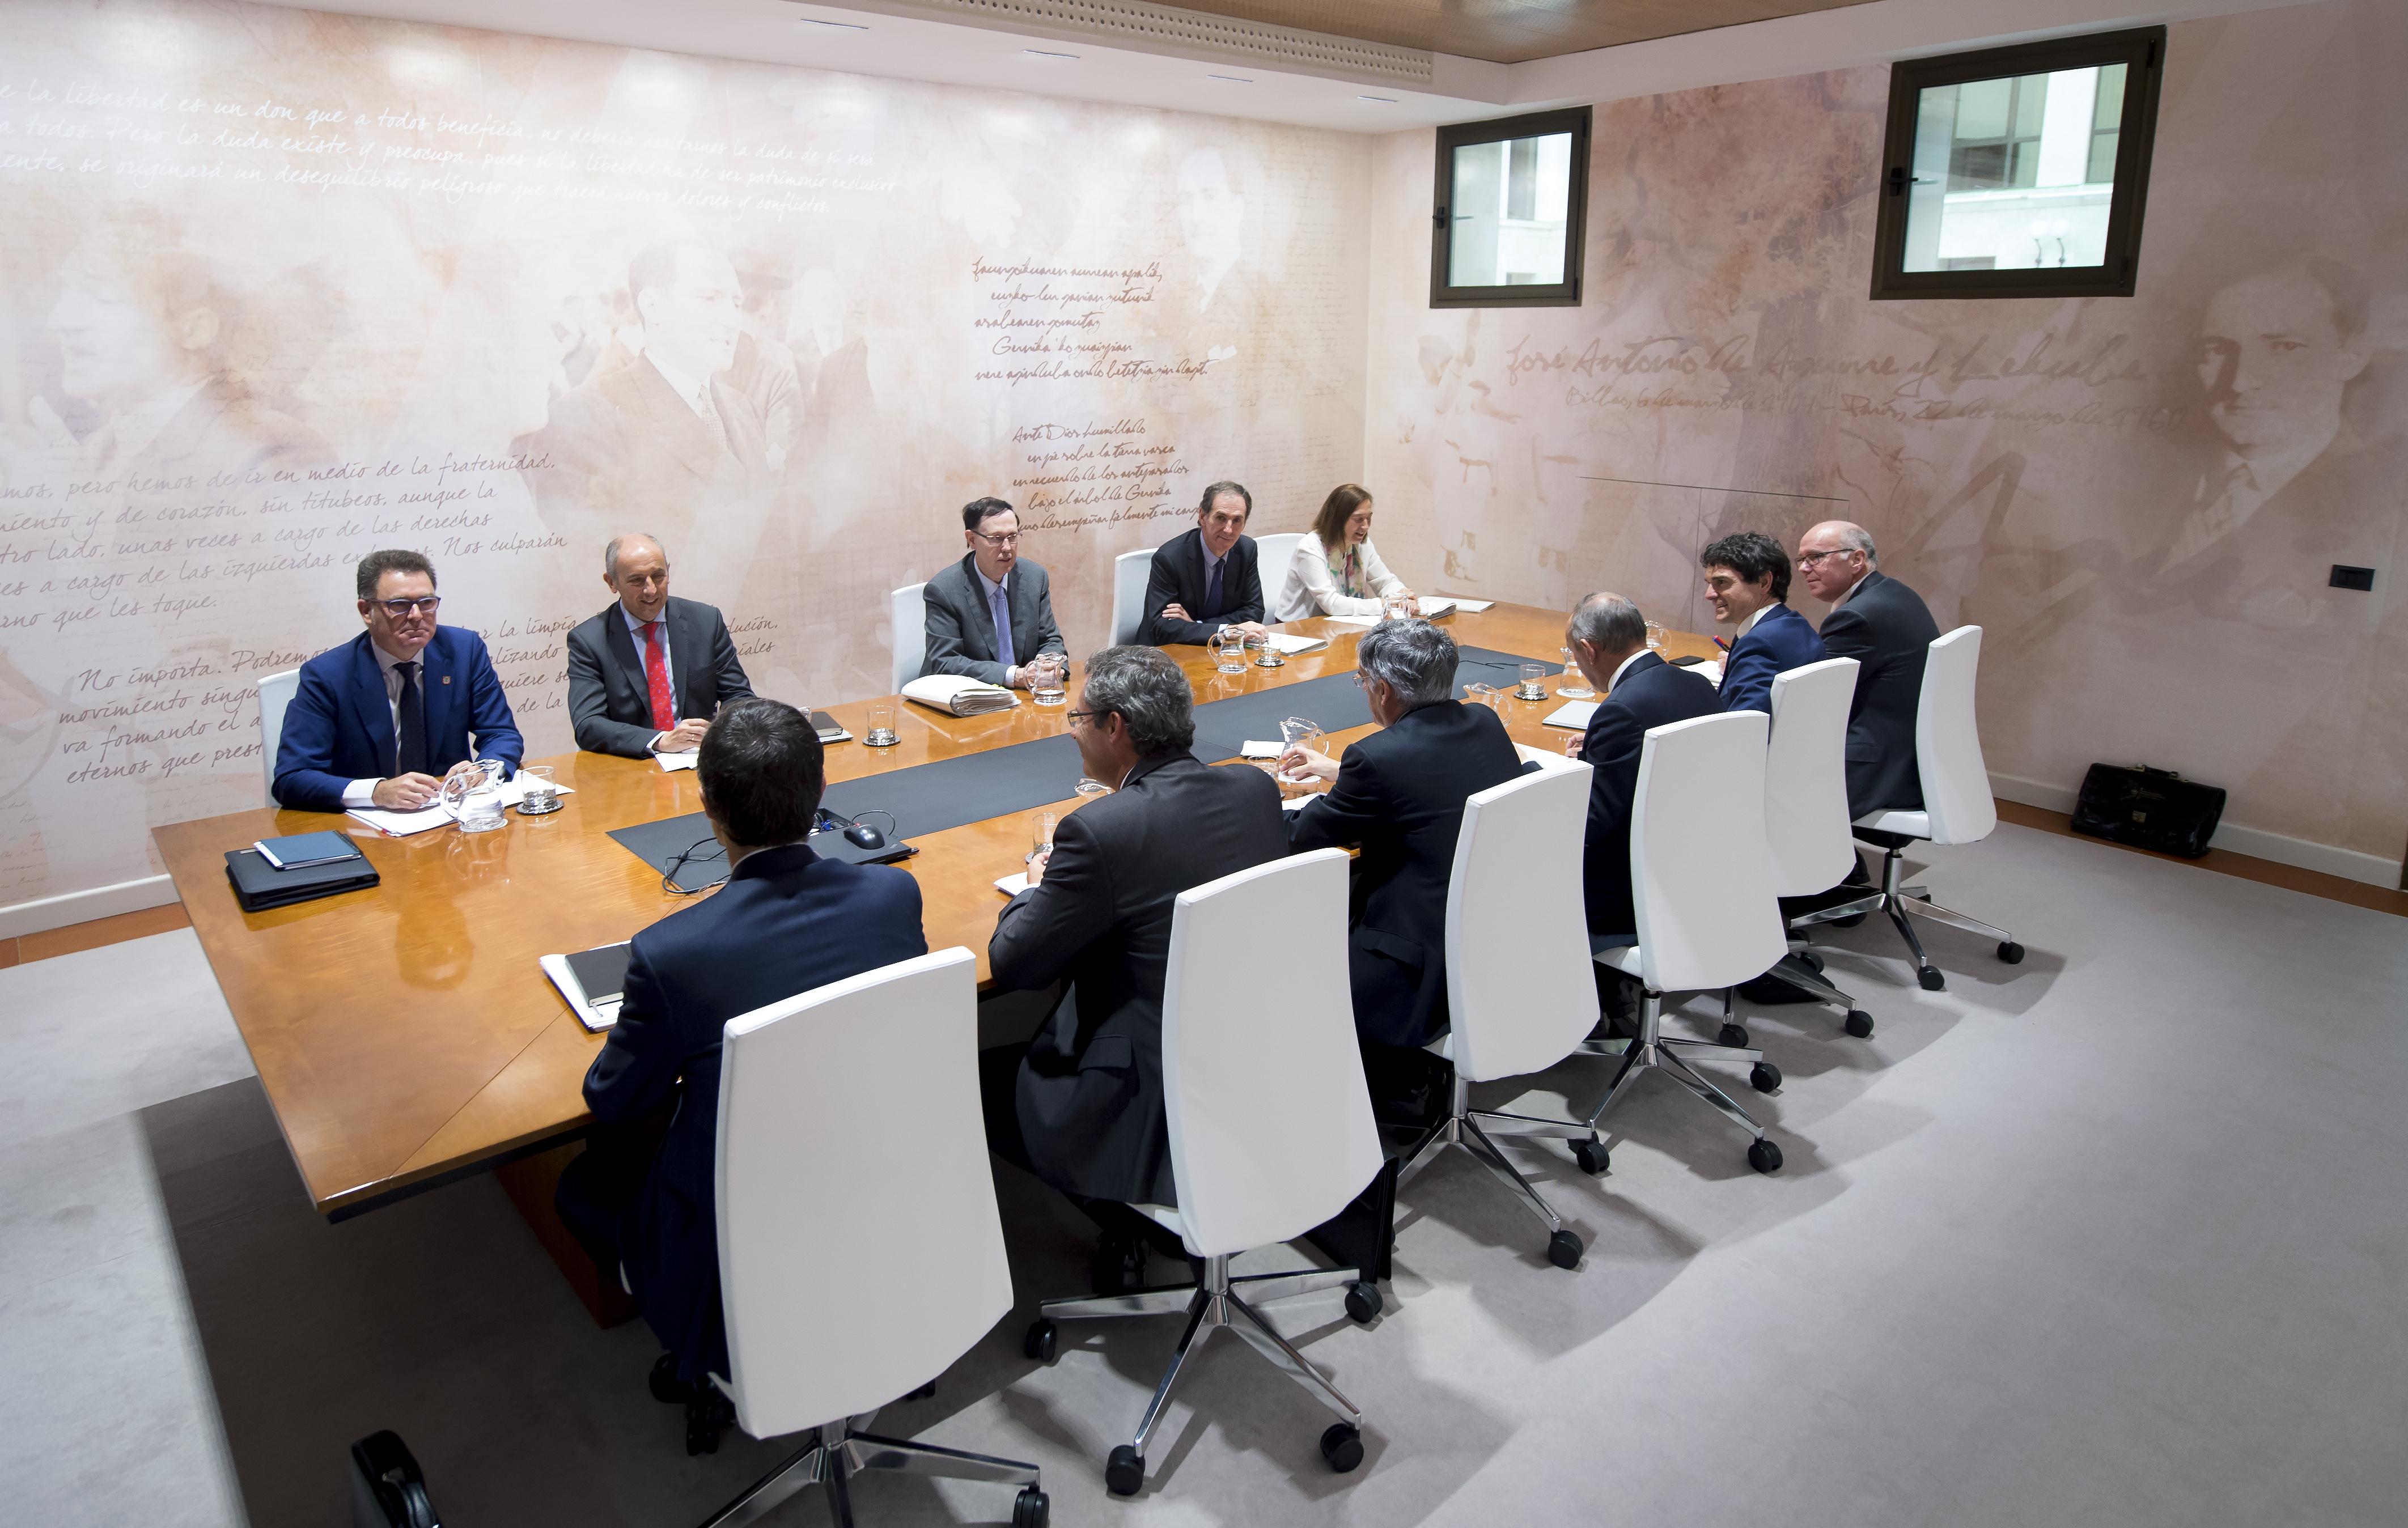 2015_10_14_consejo_vasco_finanzas_03.jpg